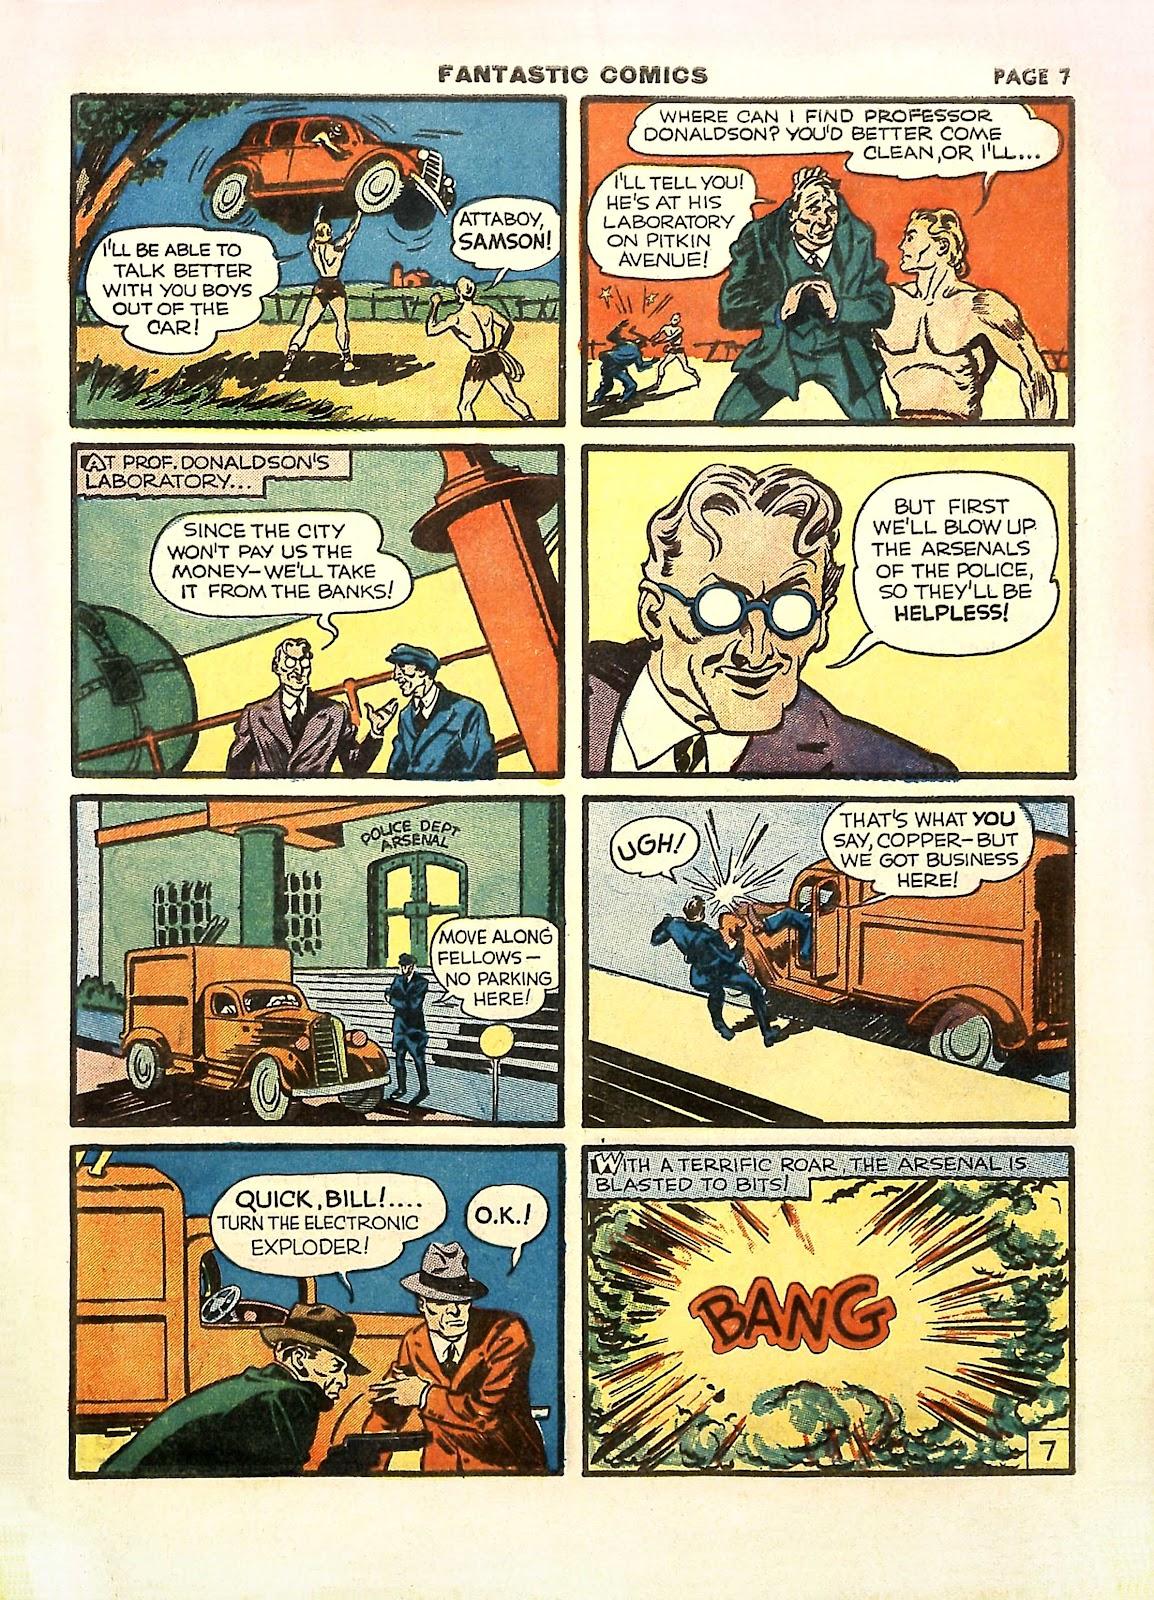 Read online Fantastic Comics comic -  Issue #11 - 10